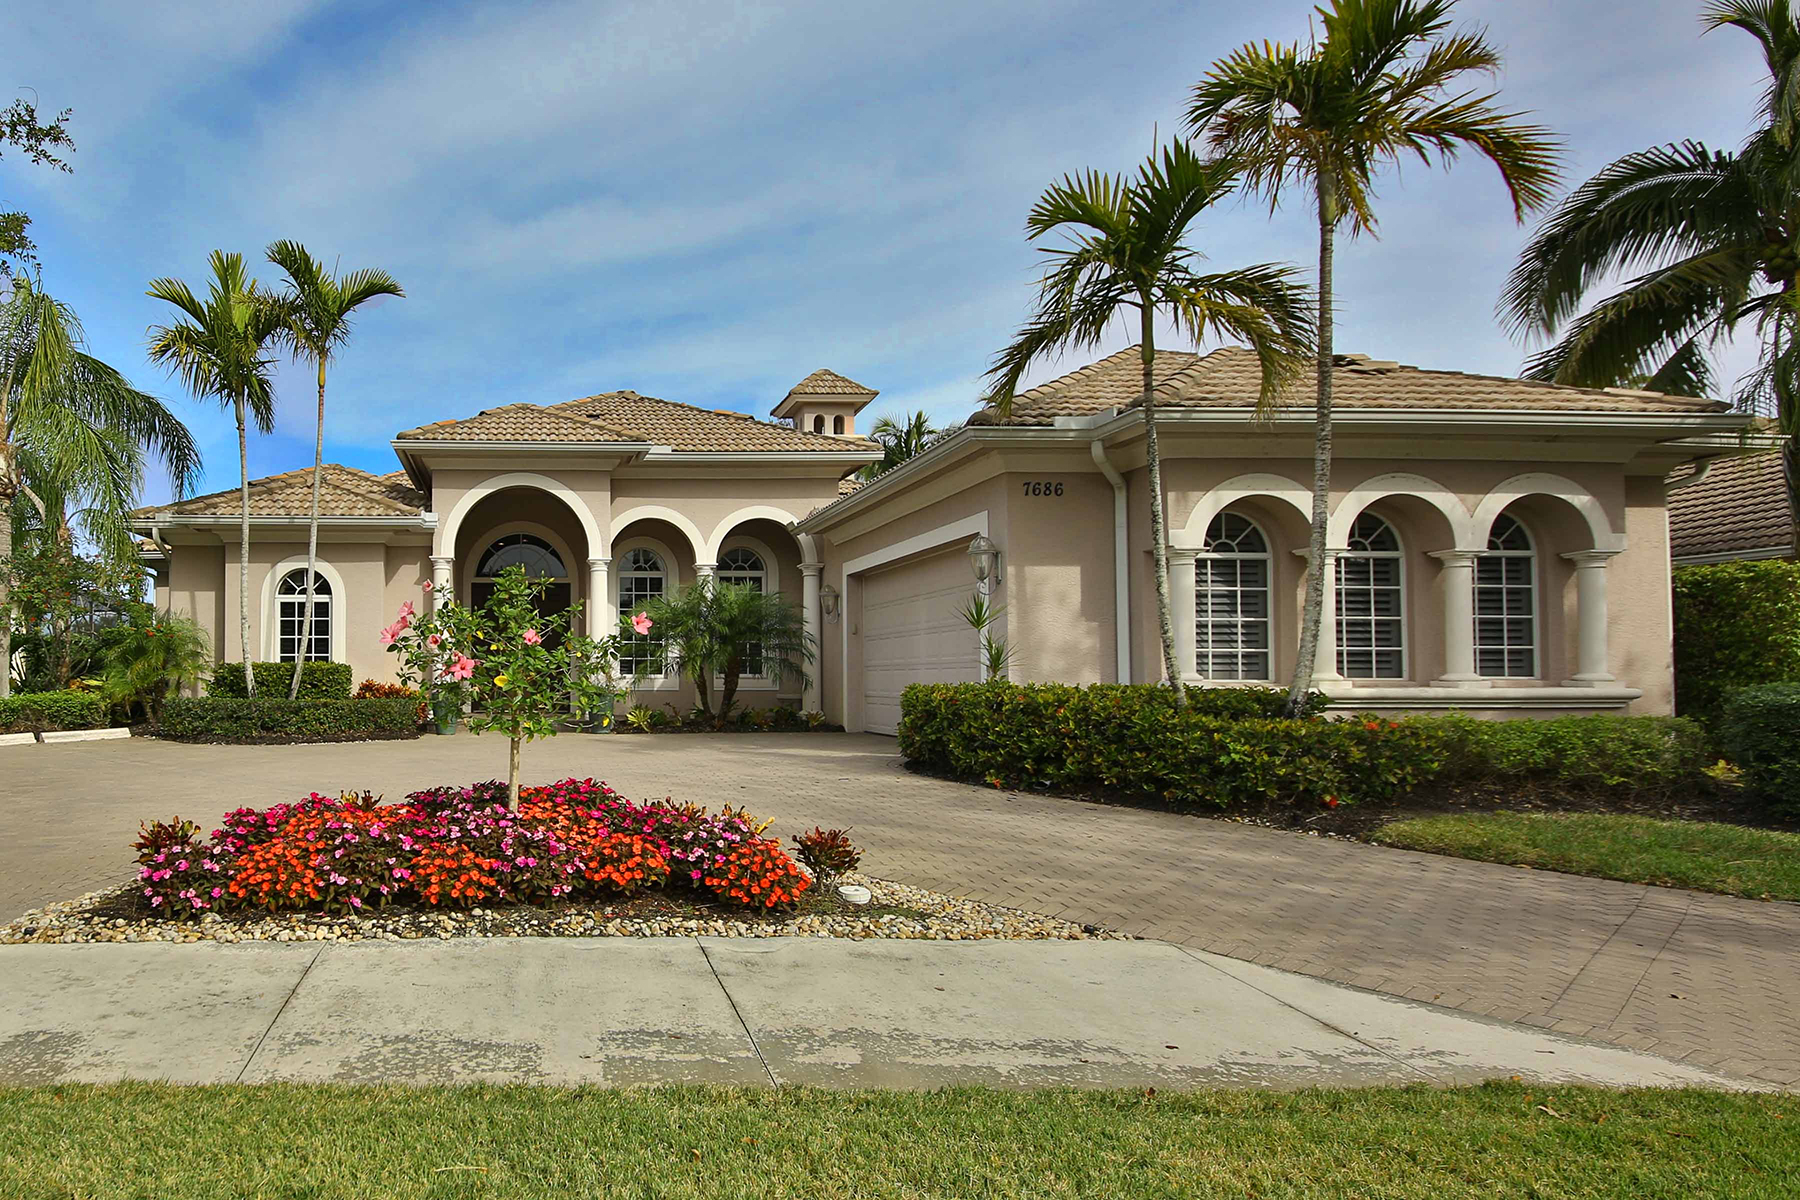 独户住宅 为 销售 在 FIDDLERS CREEK 7686 Mulberry Ln, 那不勒斯, 佛罗里达州, 34114 美国